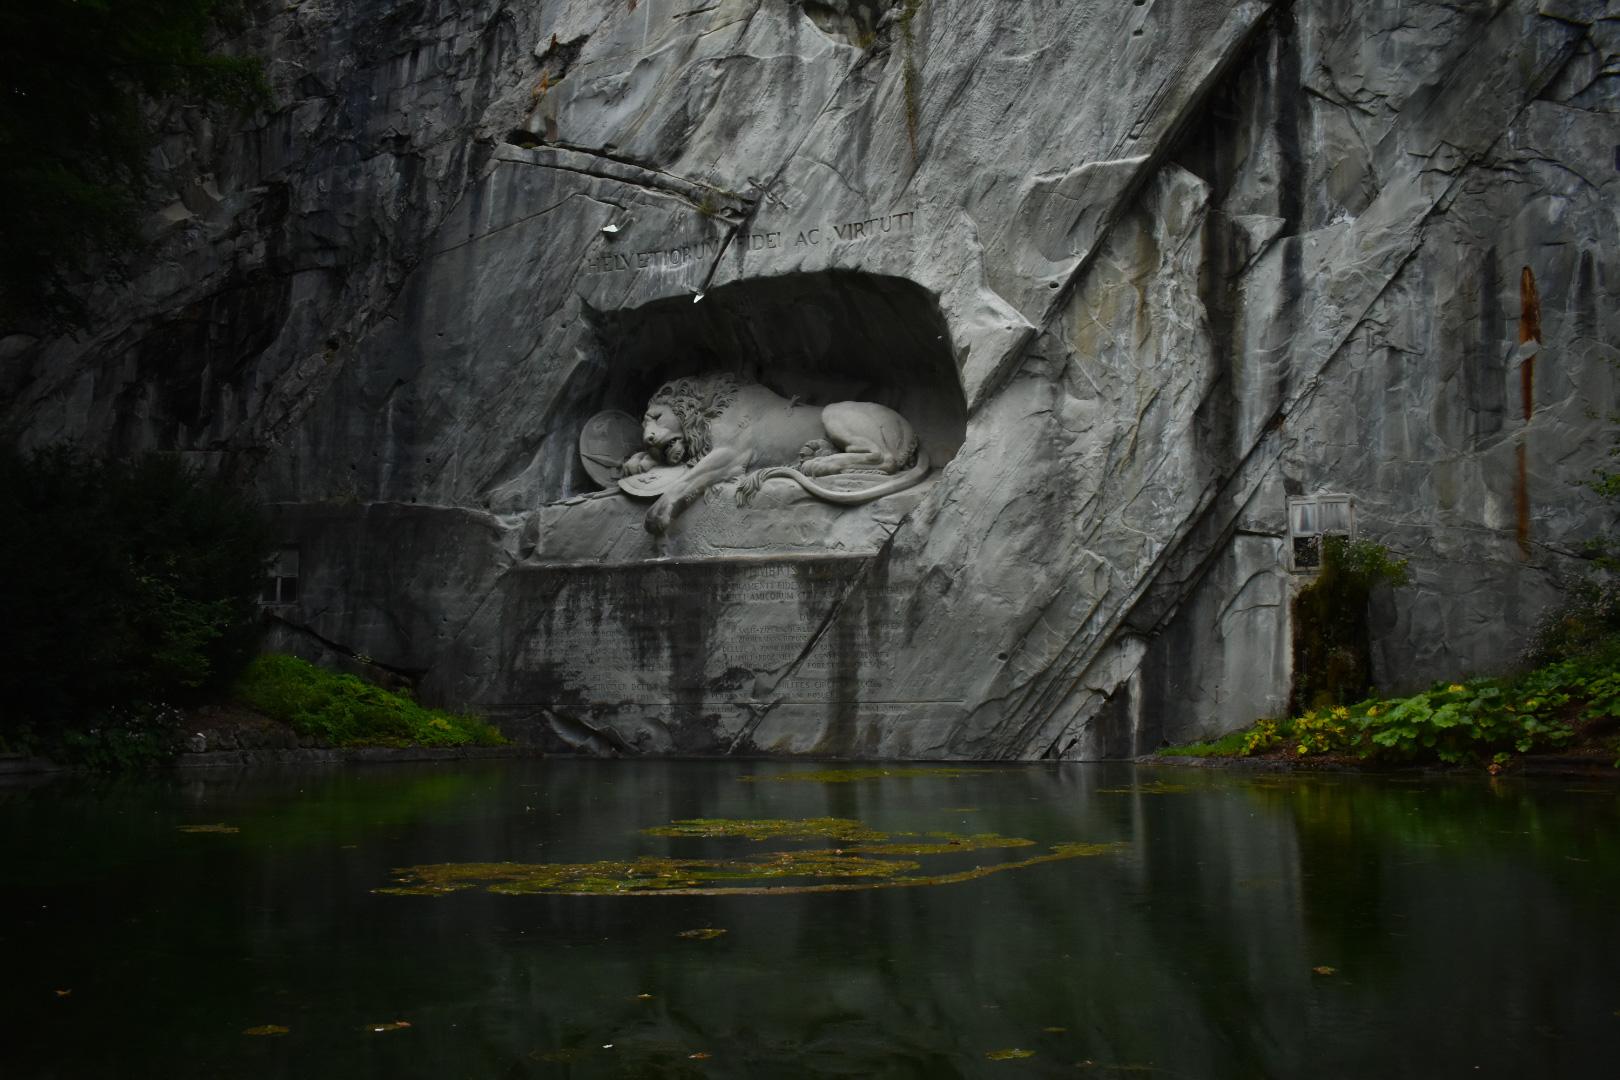 Löwendenkmal, Switzerland